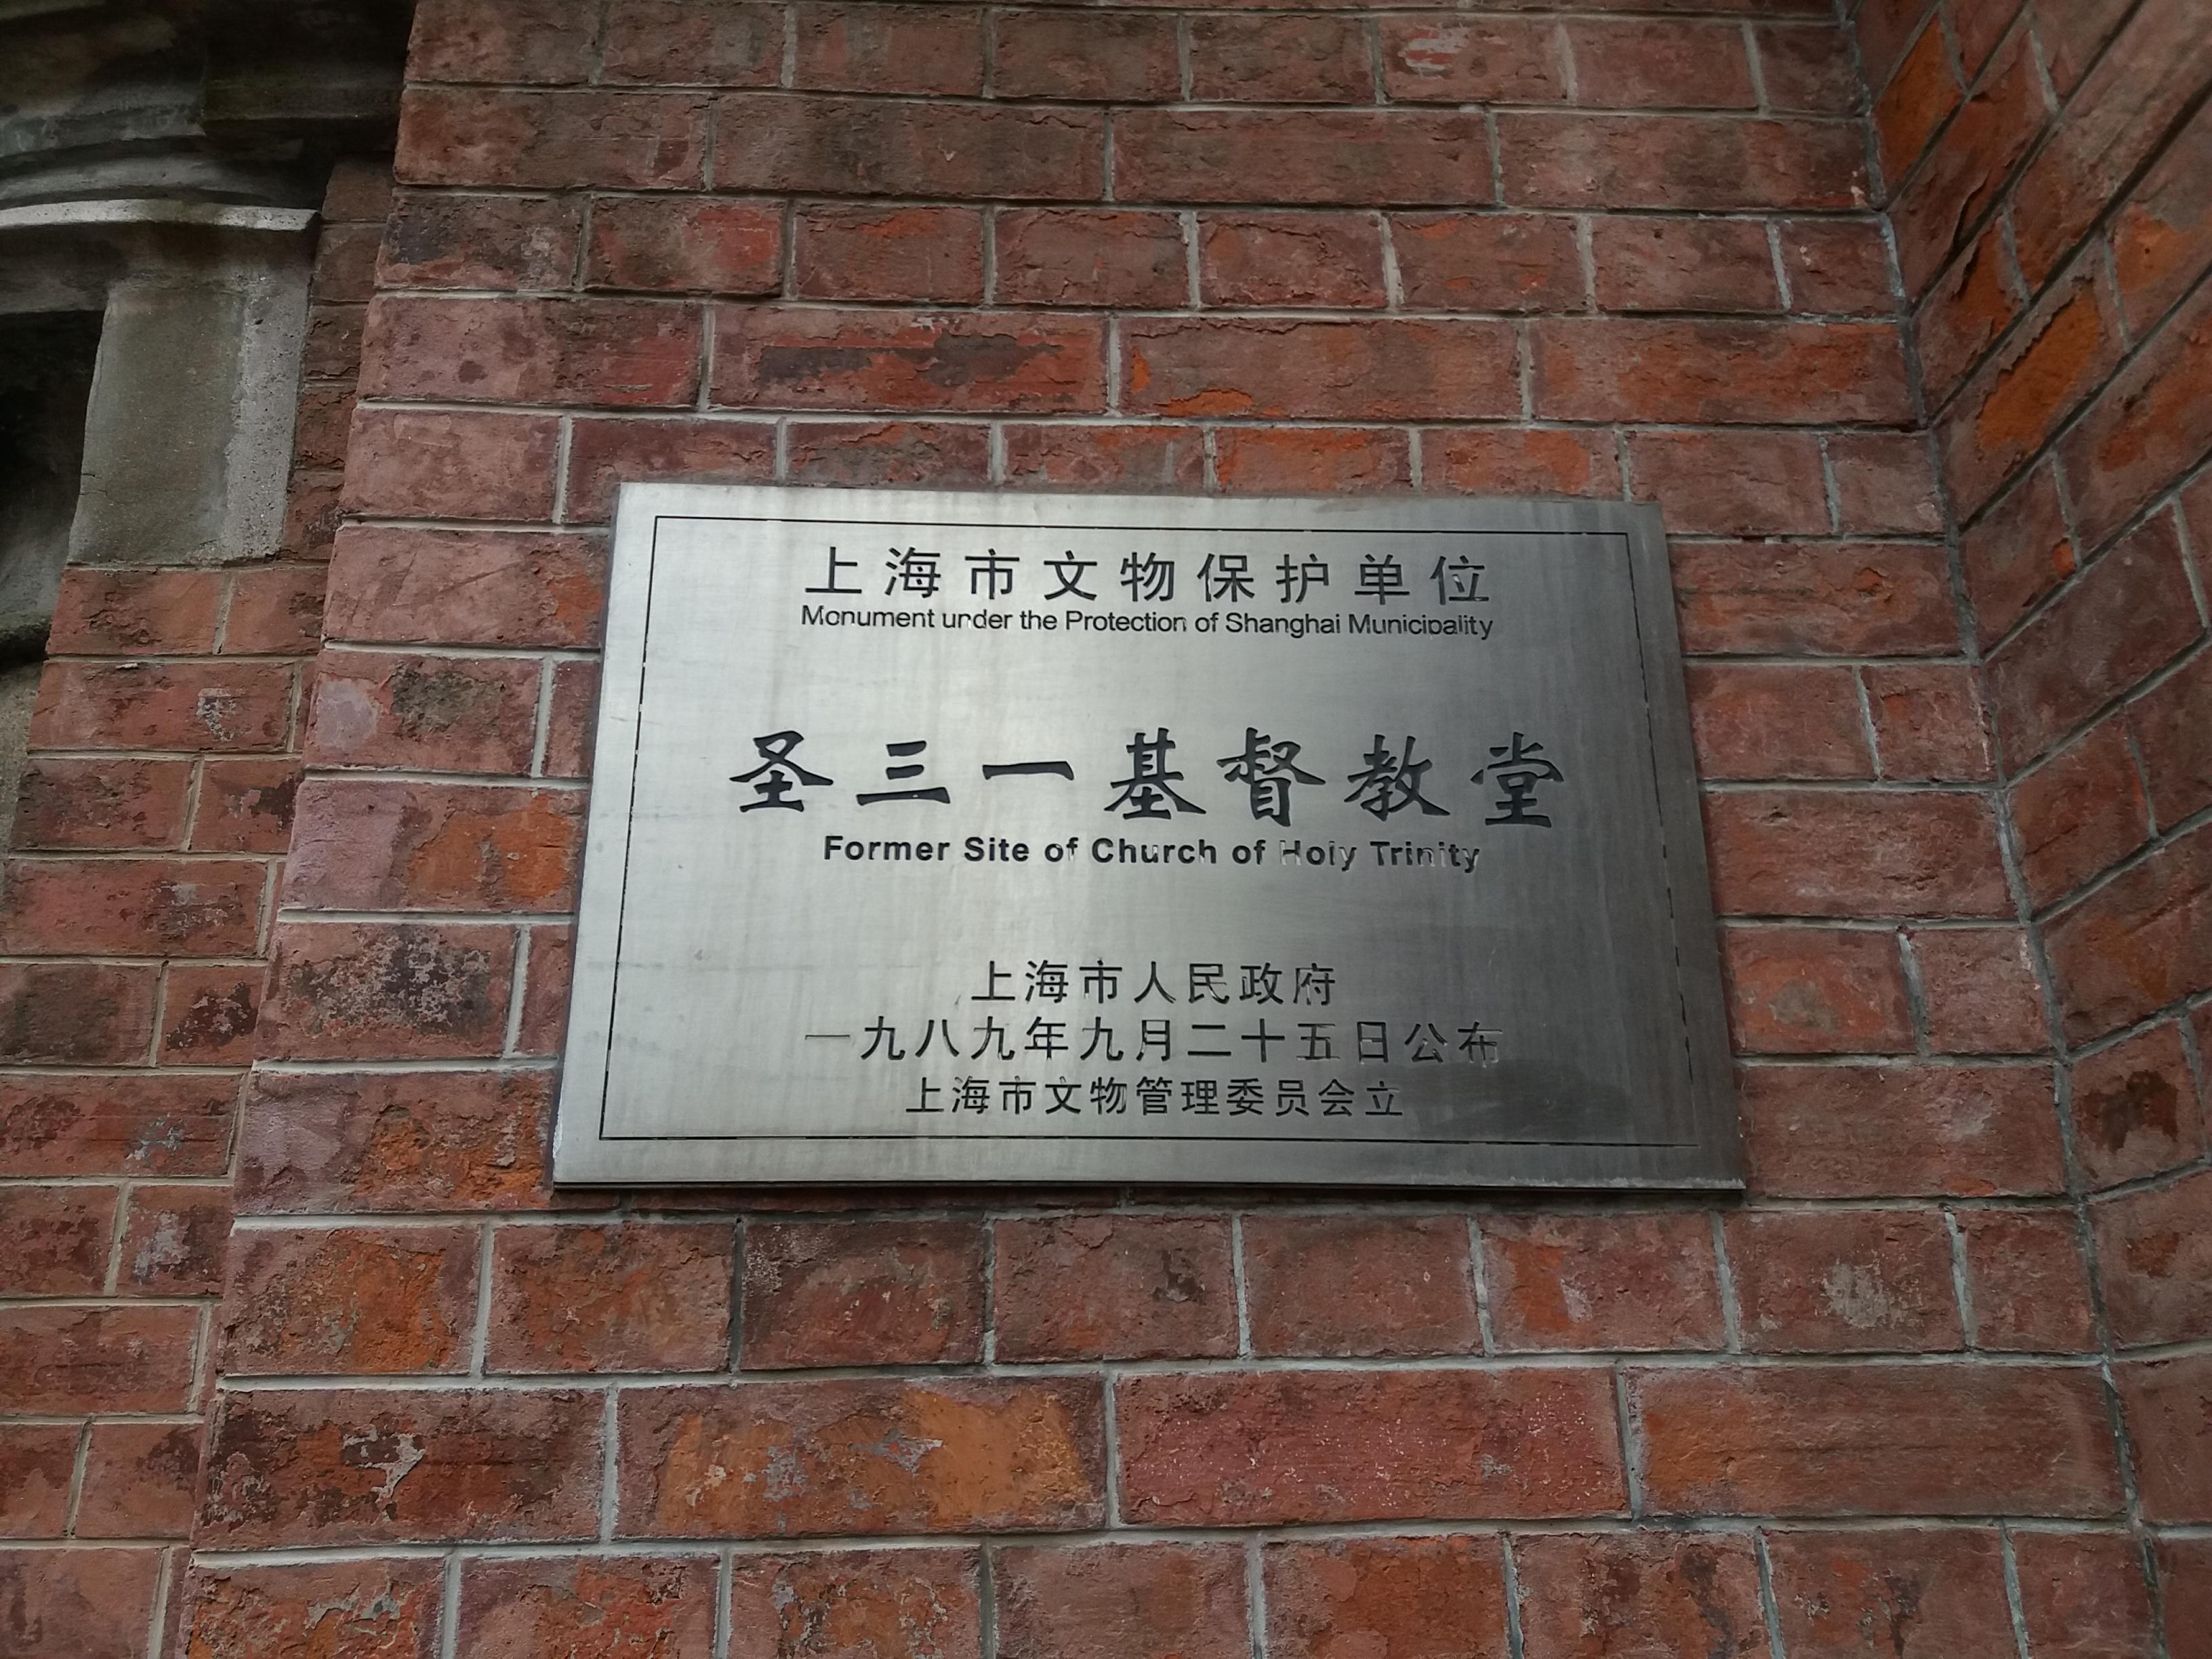 上海圣三一教堂_上海圣三一堂攻略,上海圣三一堂门票/游玩攻略/地址/图片/门票 ...